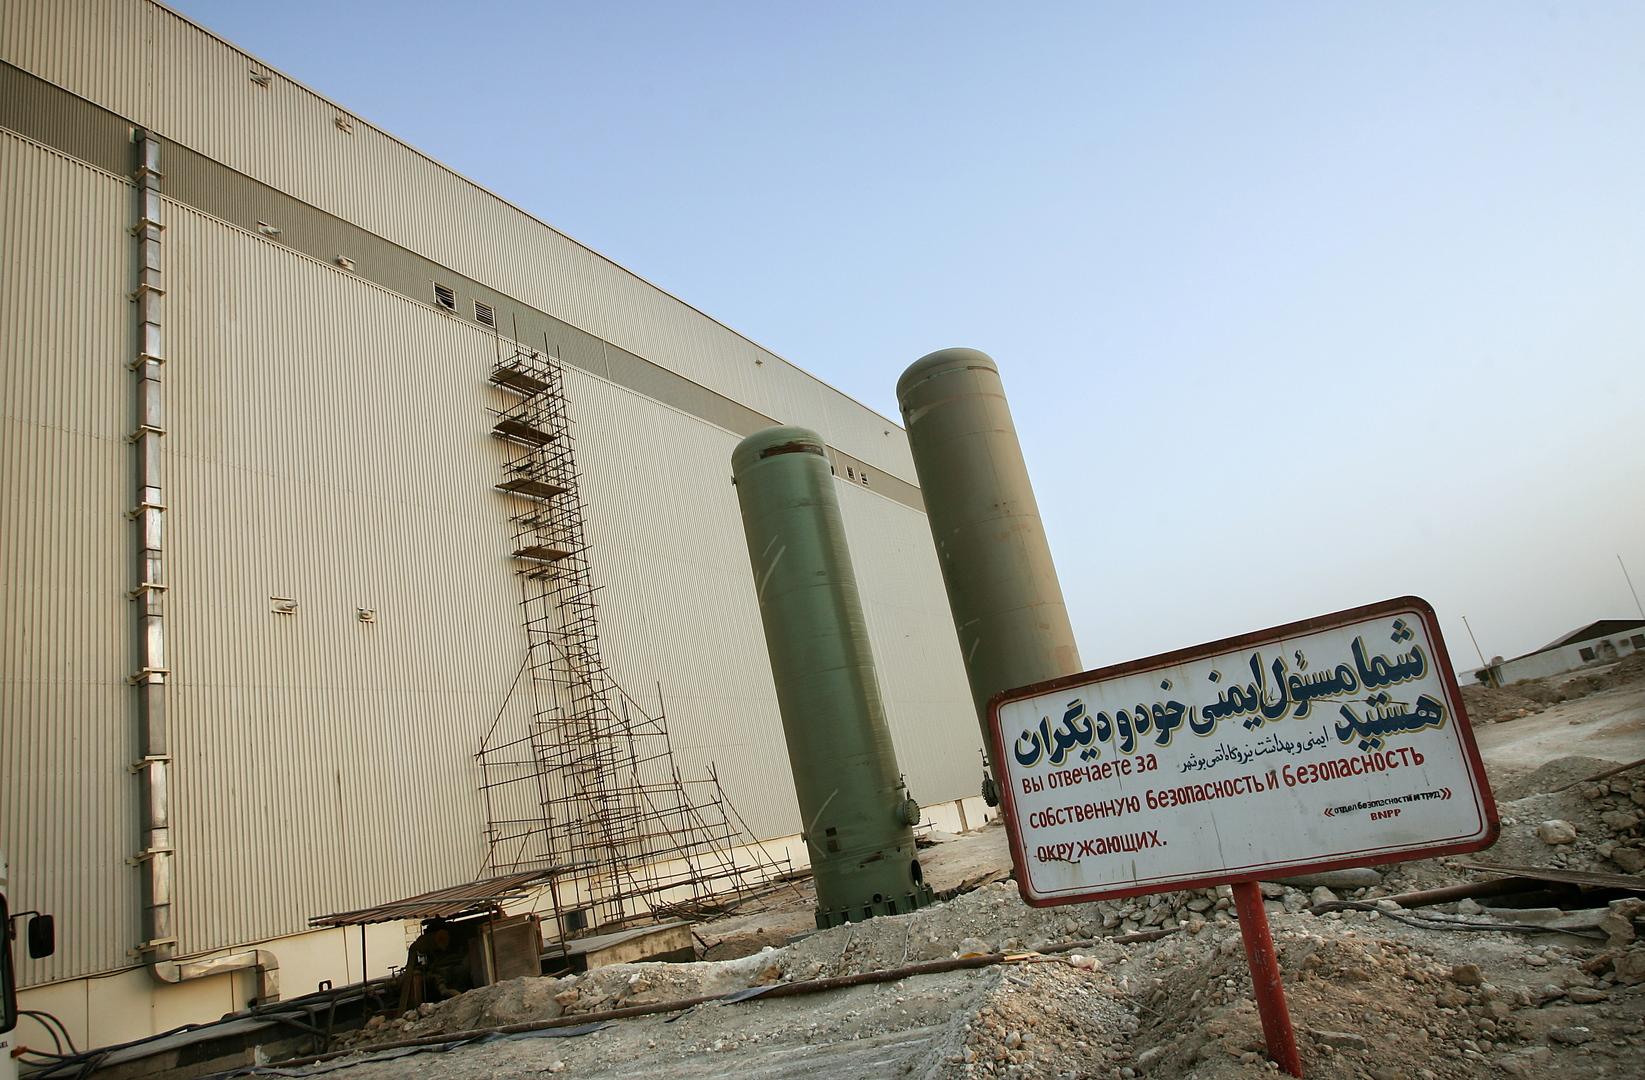 فرنسا وبريطانيا وألمانيا ستفعل آلية فض النزاع النووي مع إيران